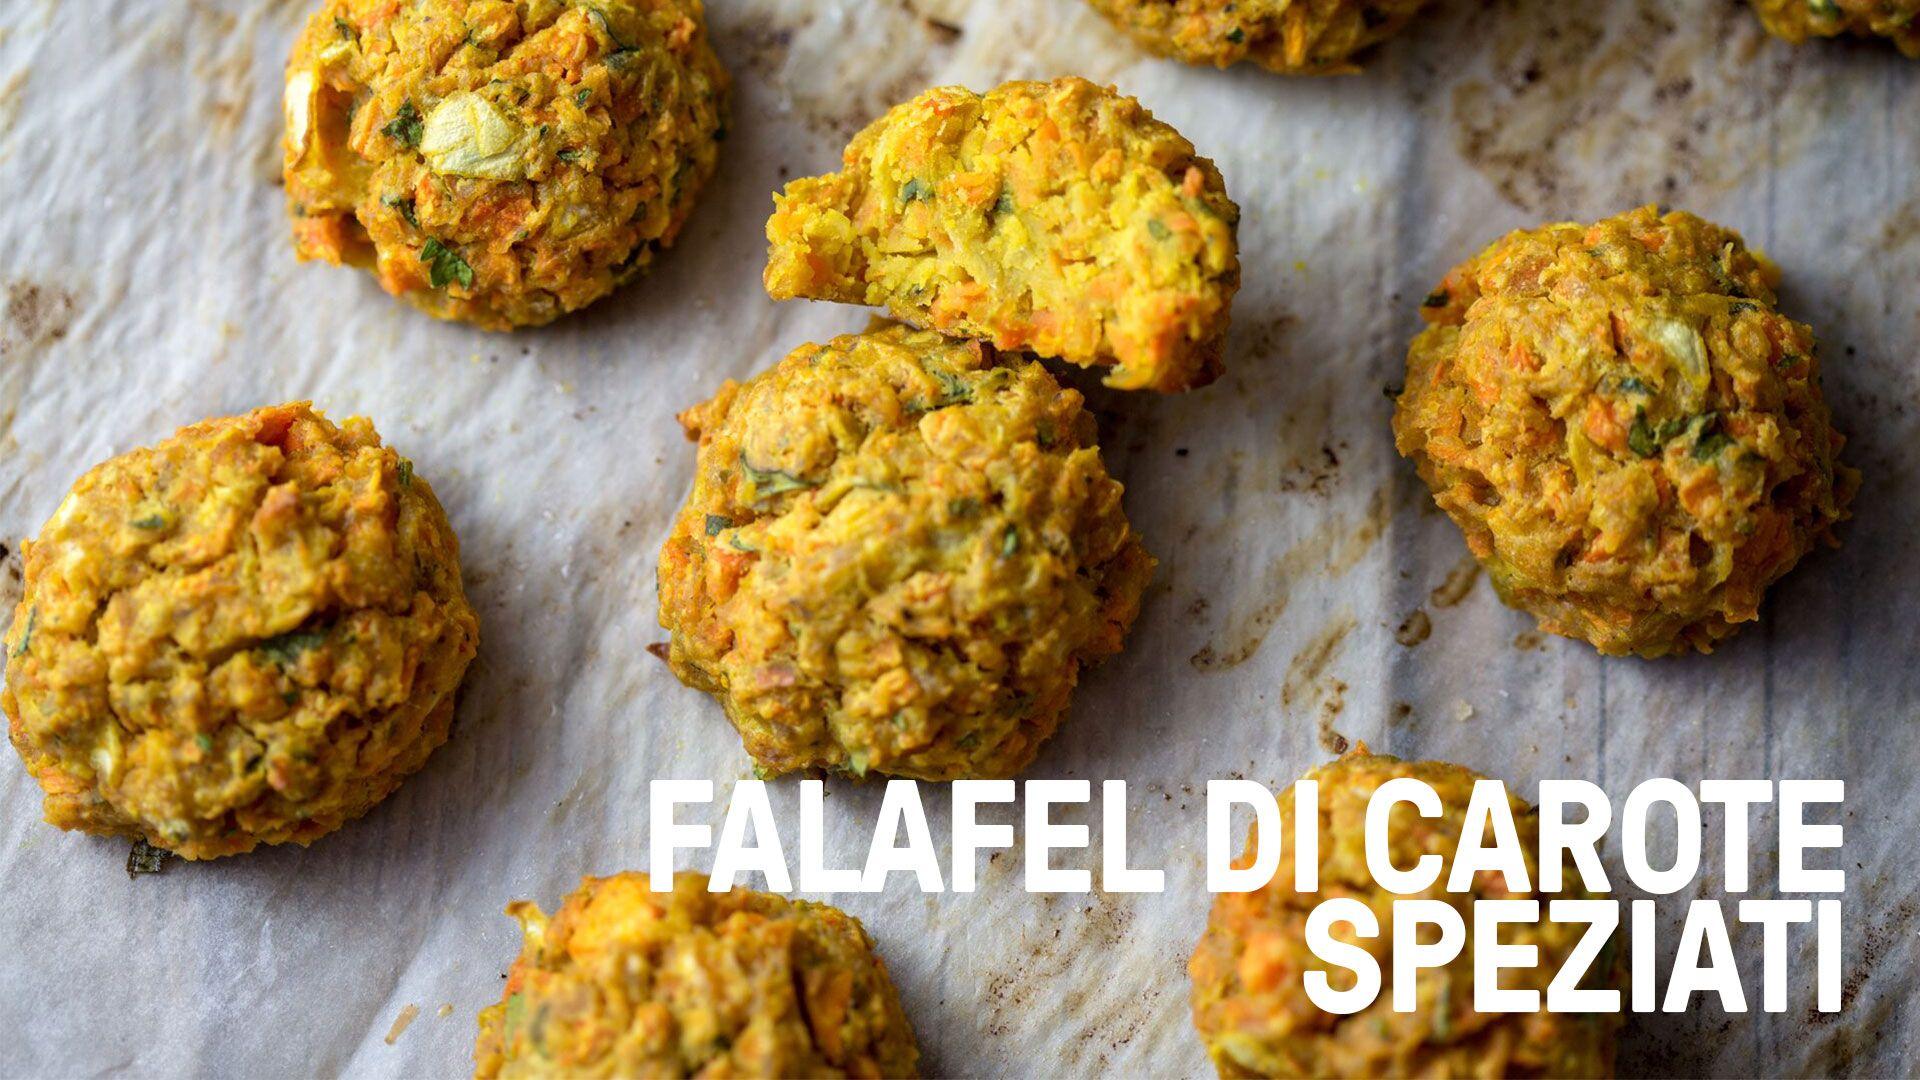 e21443da070a15a4756a8920619f644f - Falafel Ricette